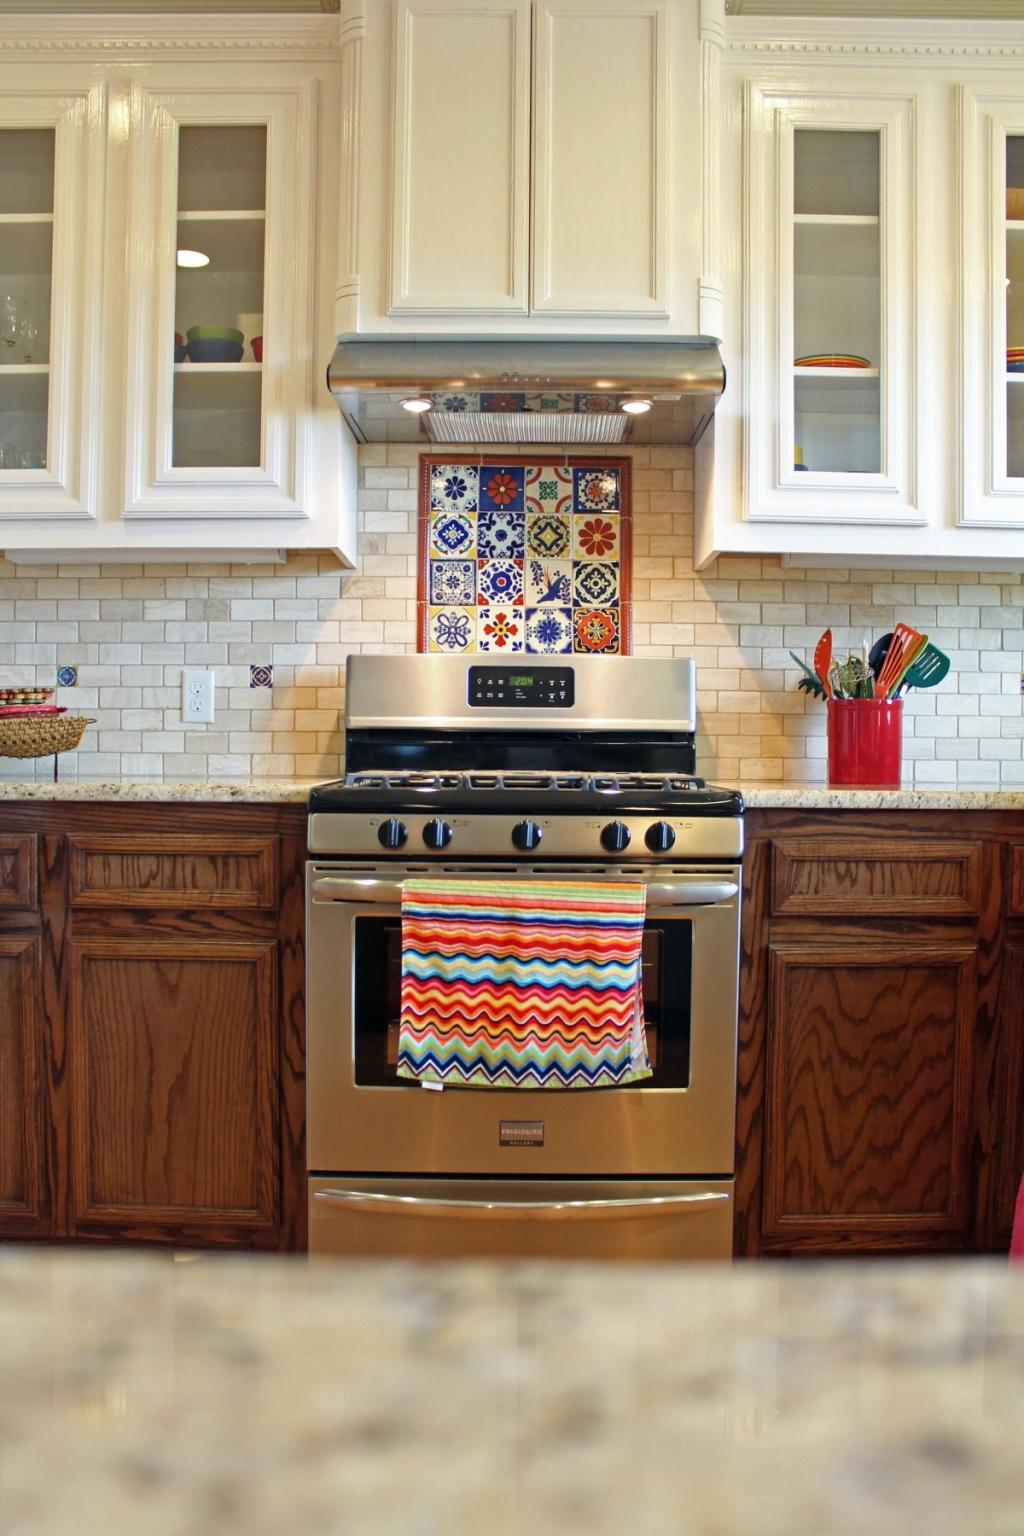 Colored kitchen utensil holder